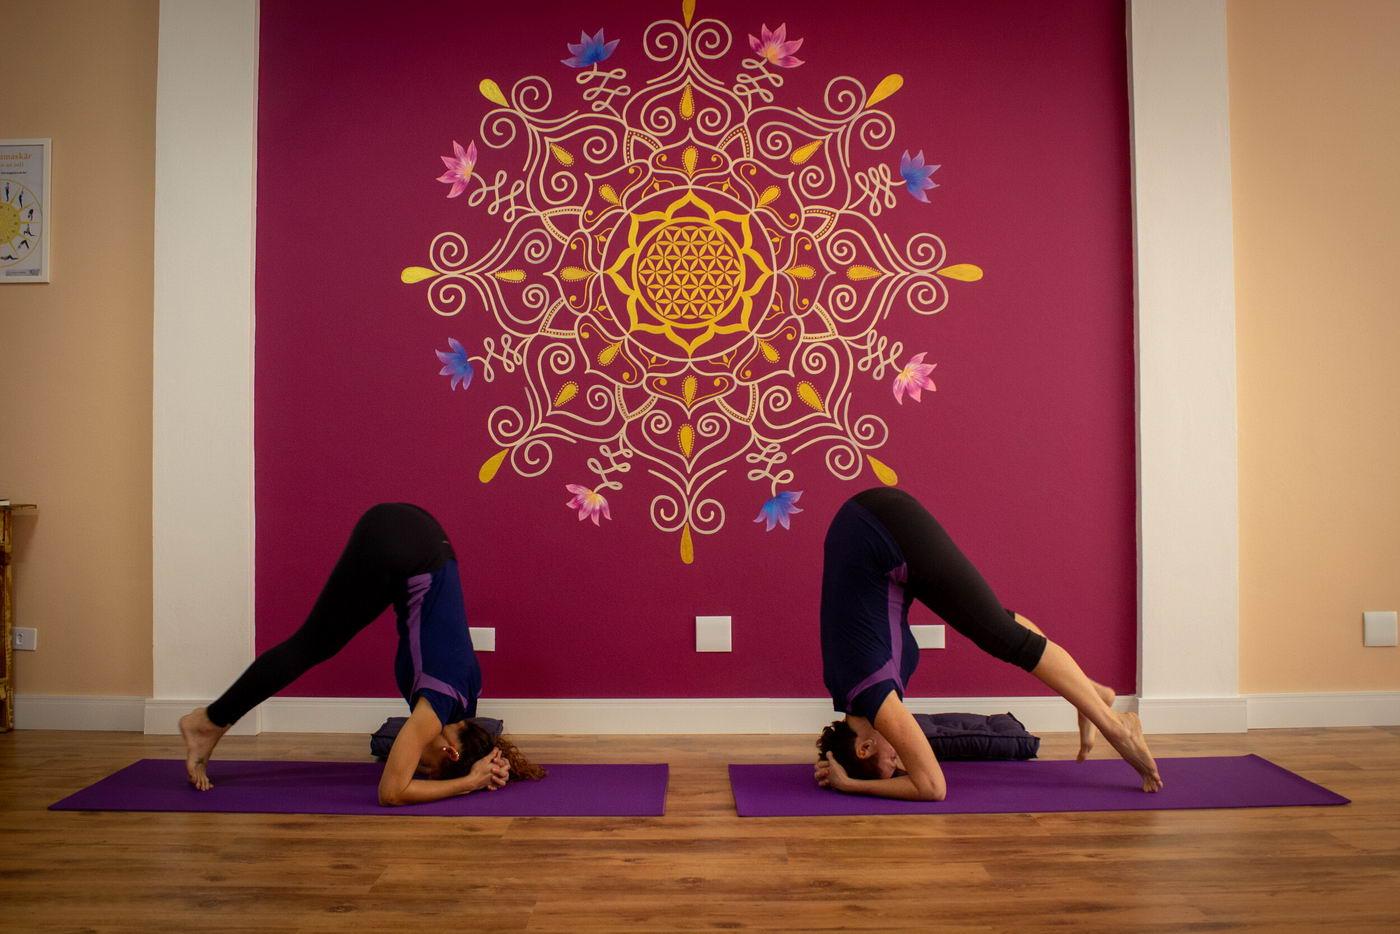 Yoga Flor Da Vida 80